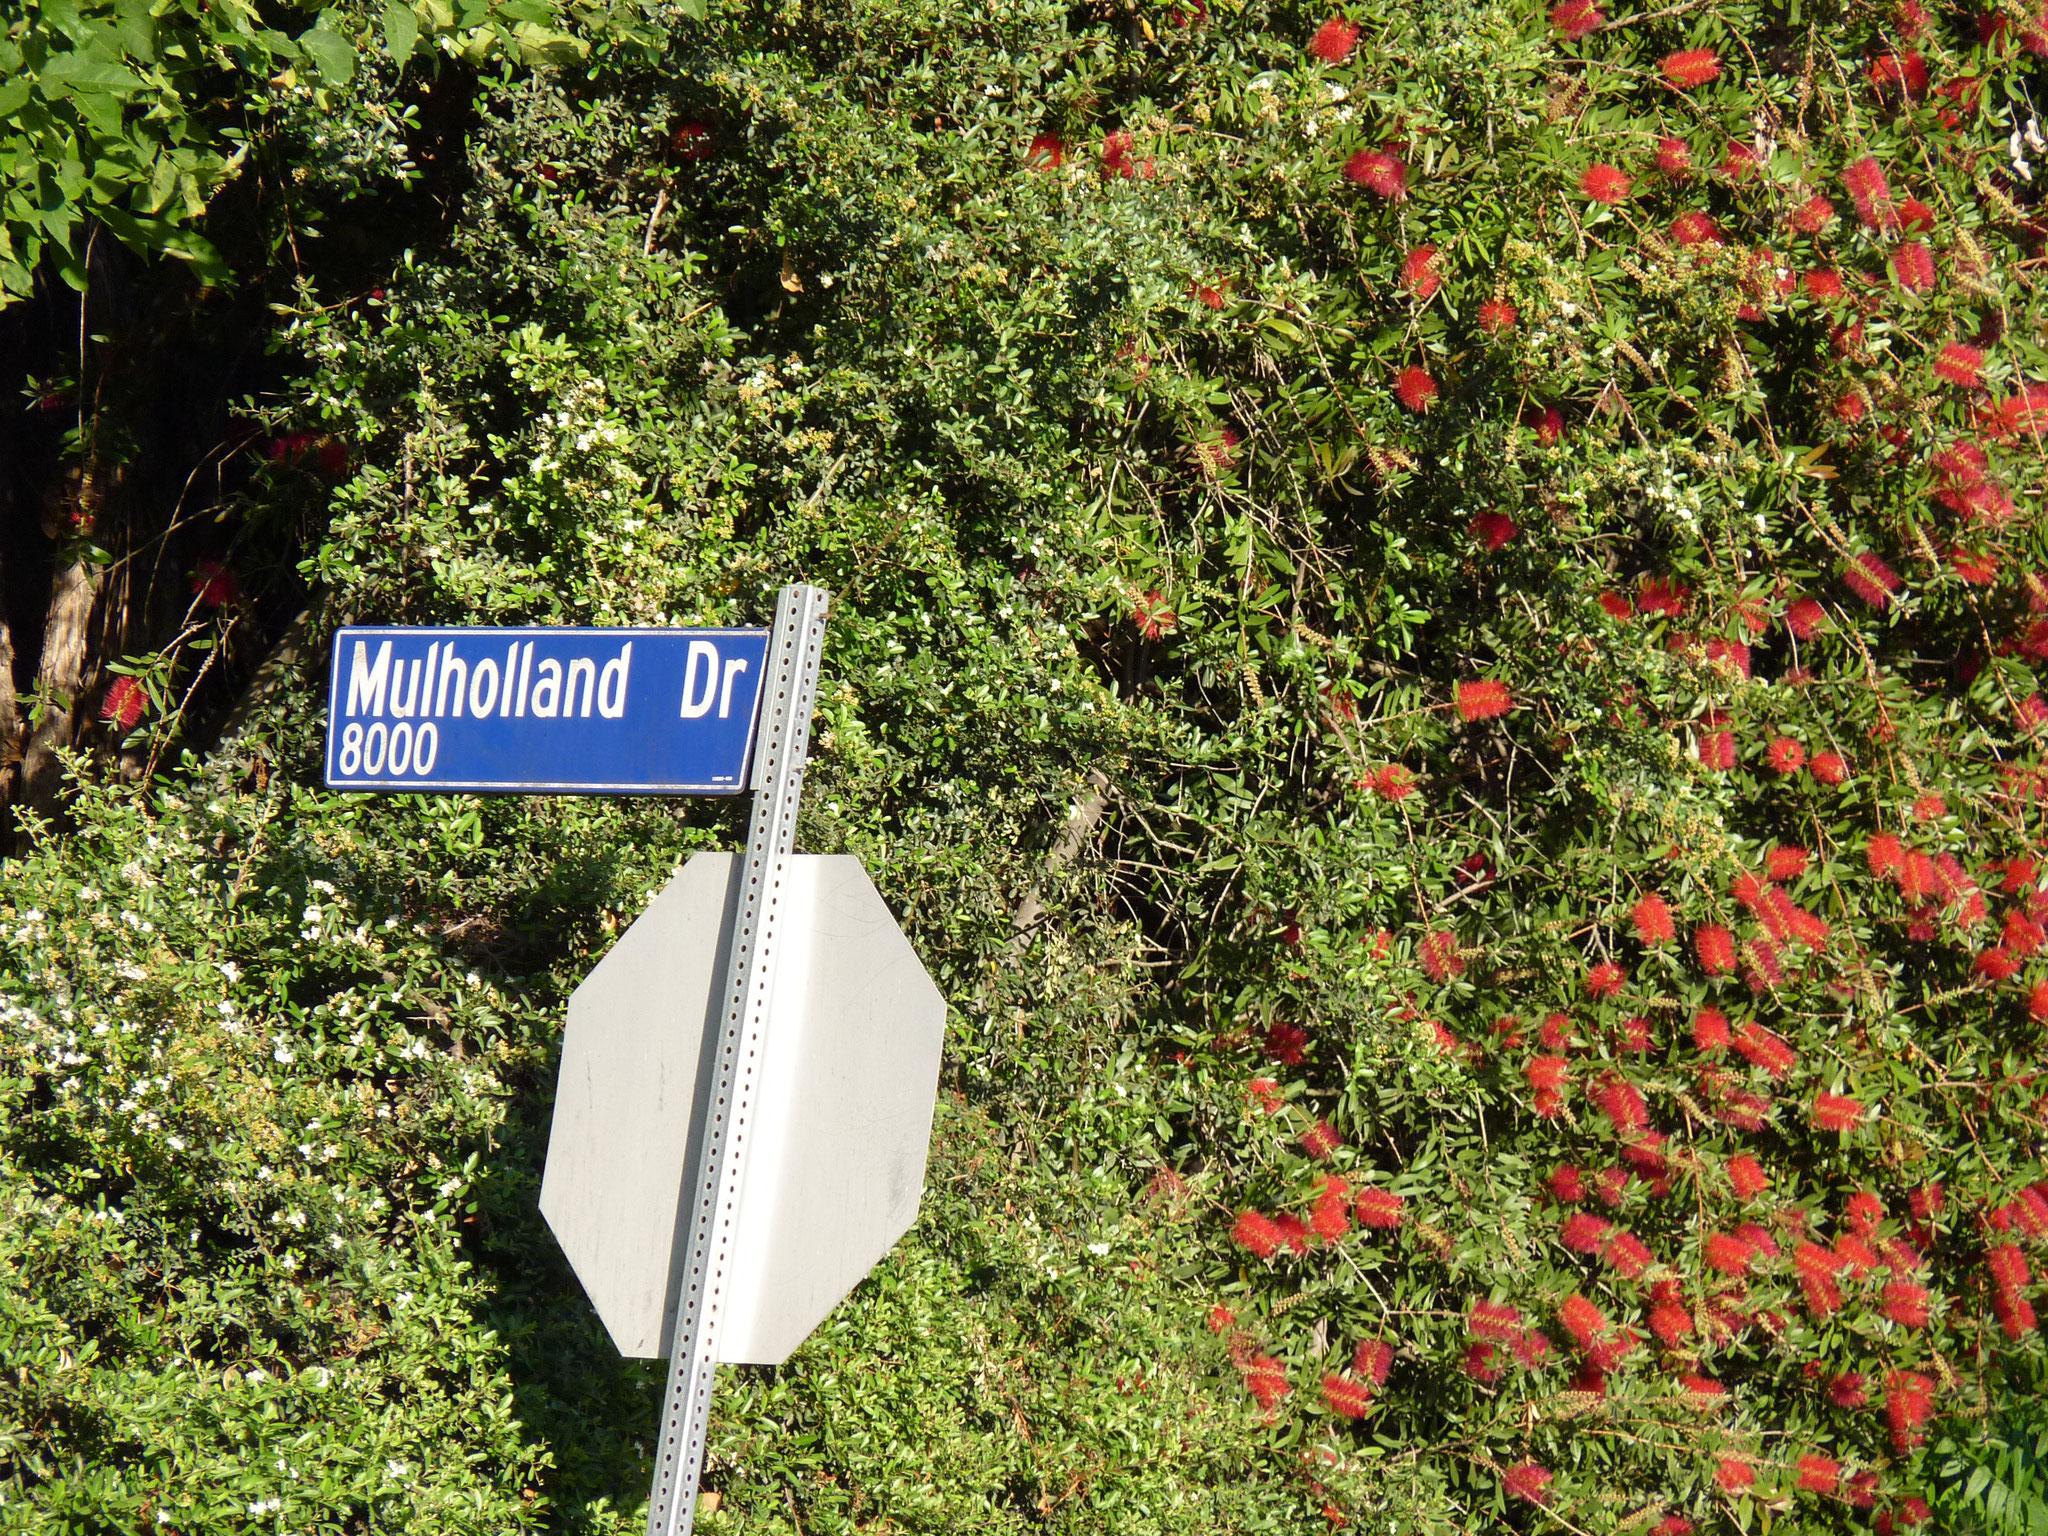 Mulholand Drive